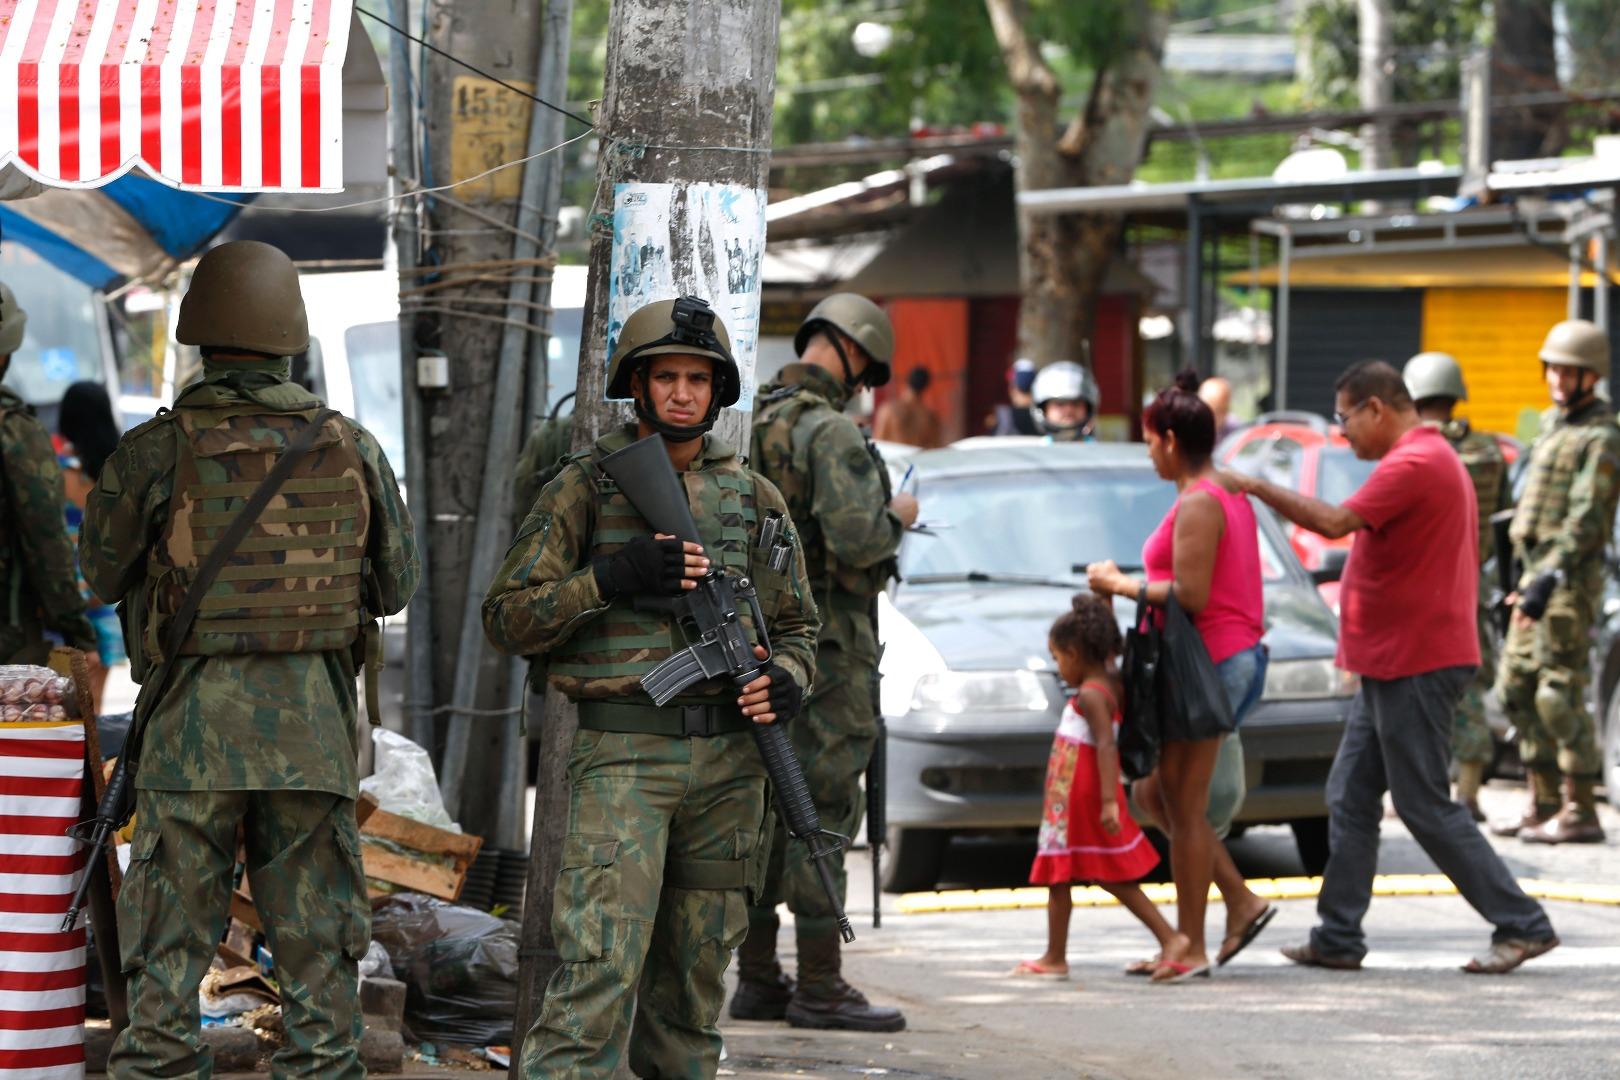 Rio de Janeiro - Forças Armadas fazem mais uma operação na Vila Kennedy, zona oesta da cidade (Tânia Rêgo/Agência Brasil)